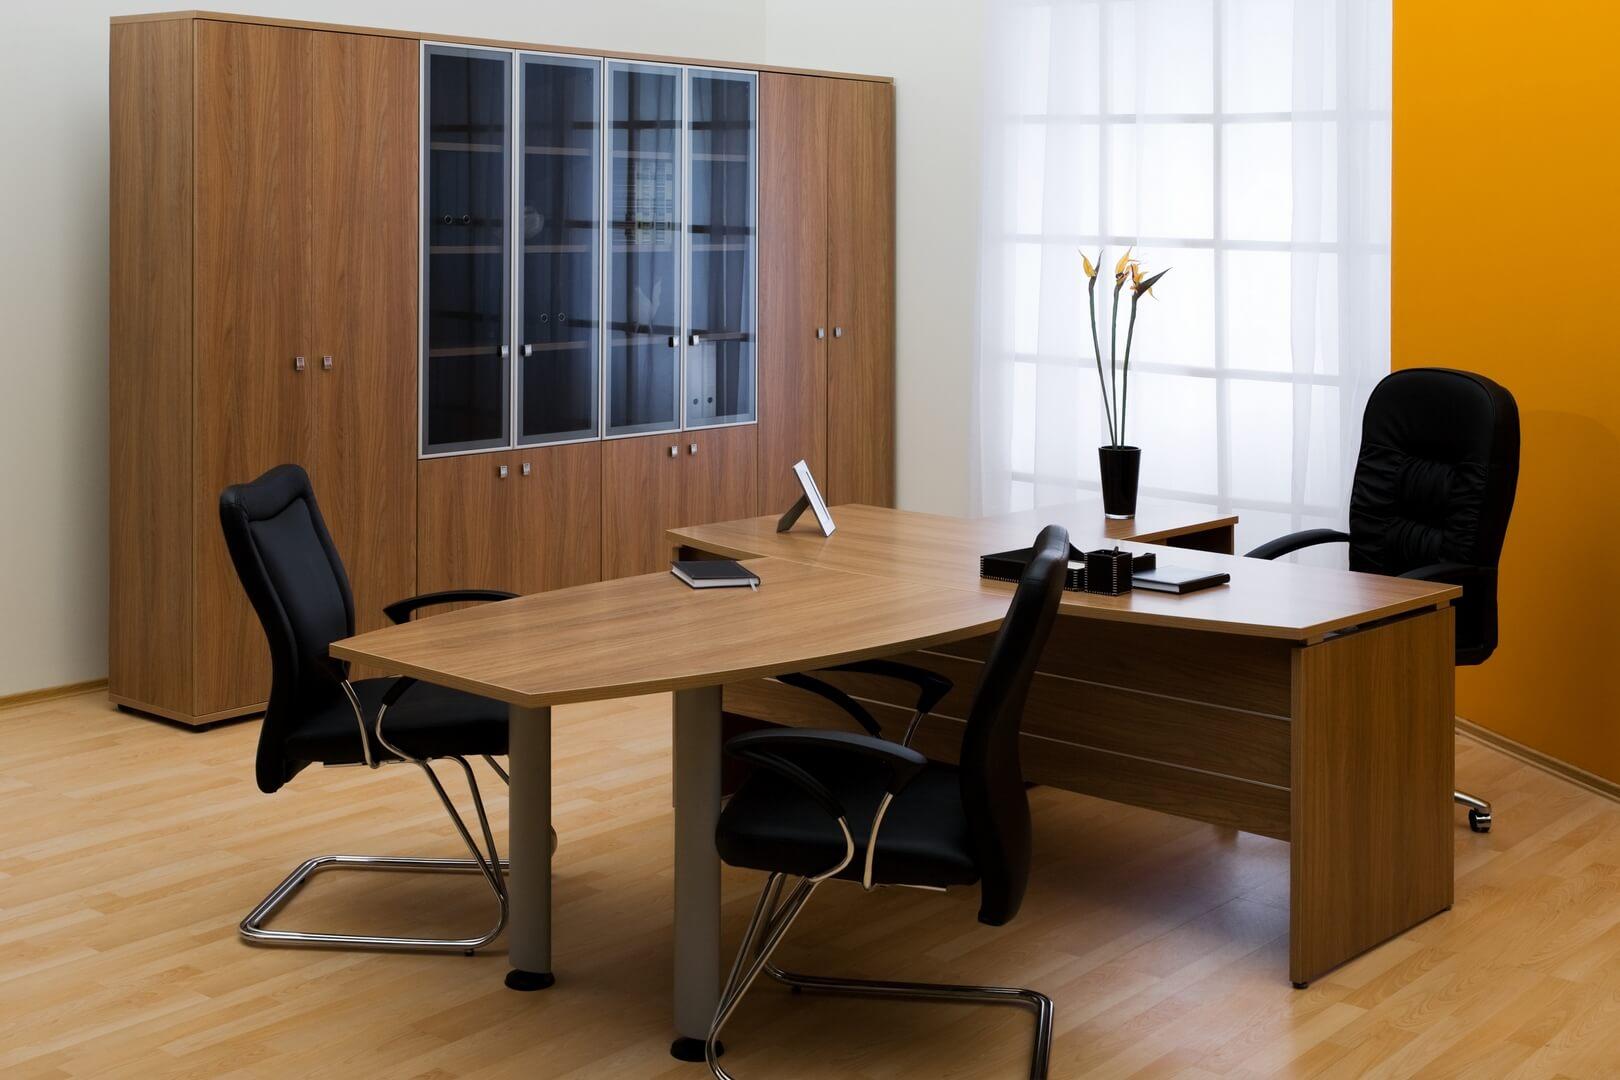 Drewniana szafa do biura w starym stylu